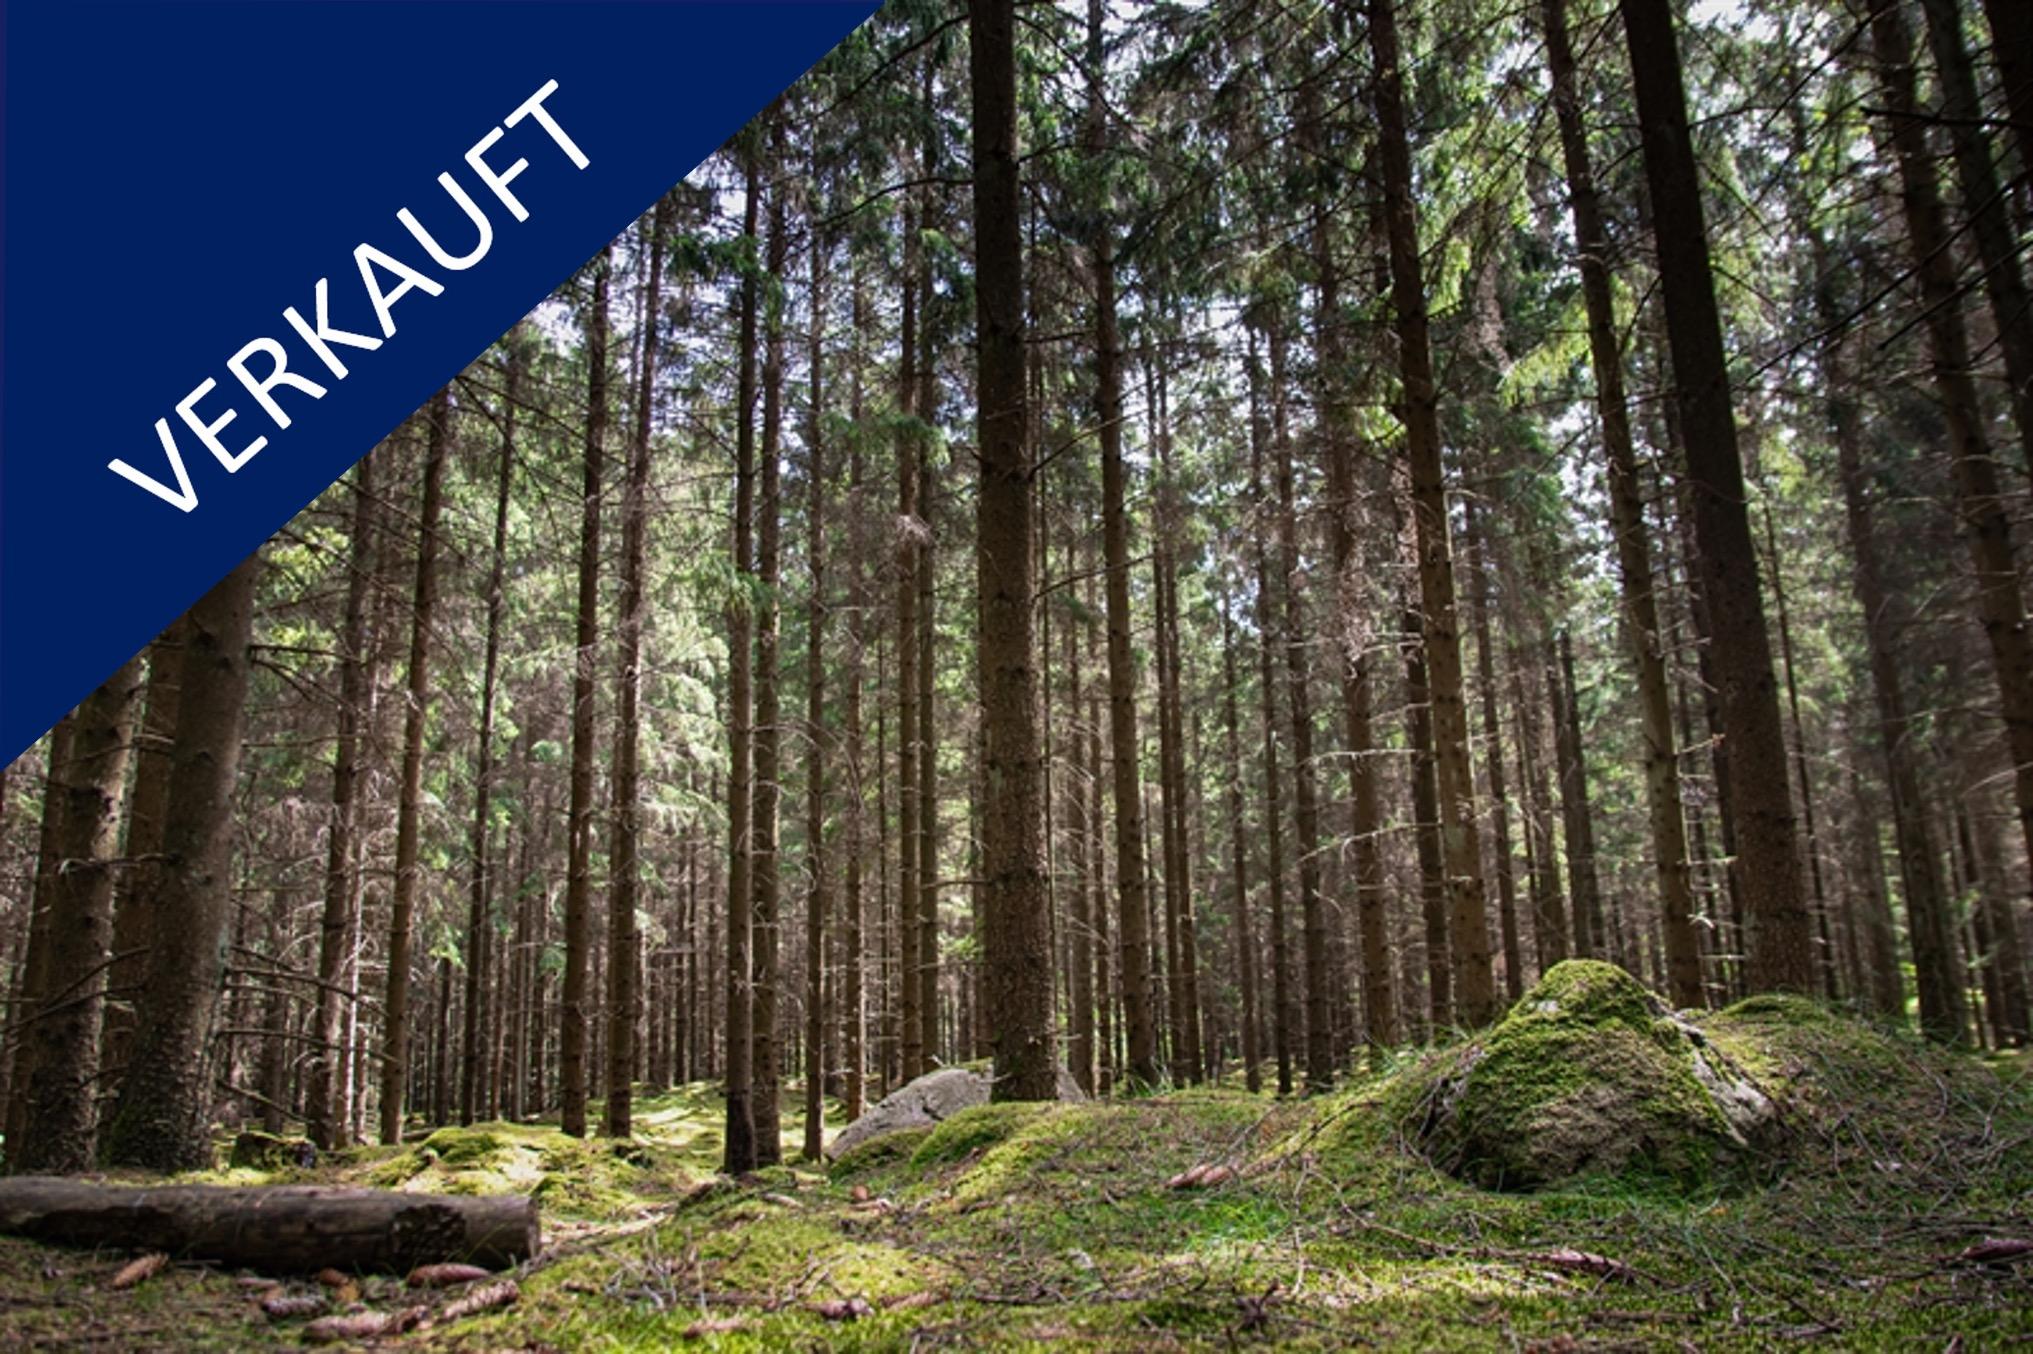 Forstbetrieb Neue Bundesländer Verkauft